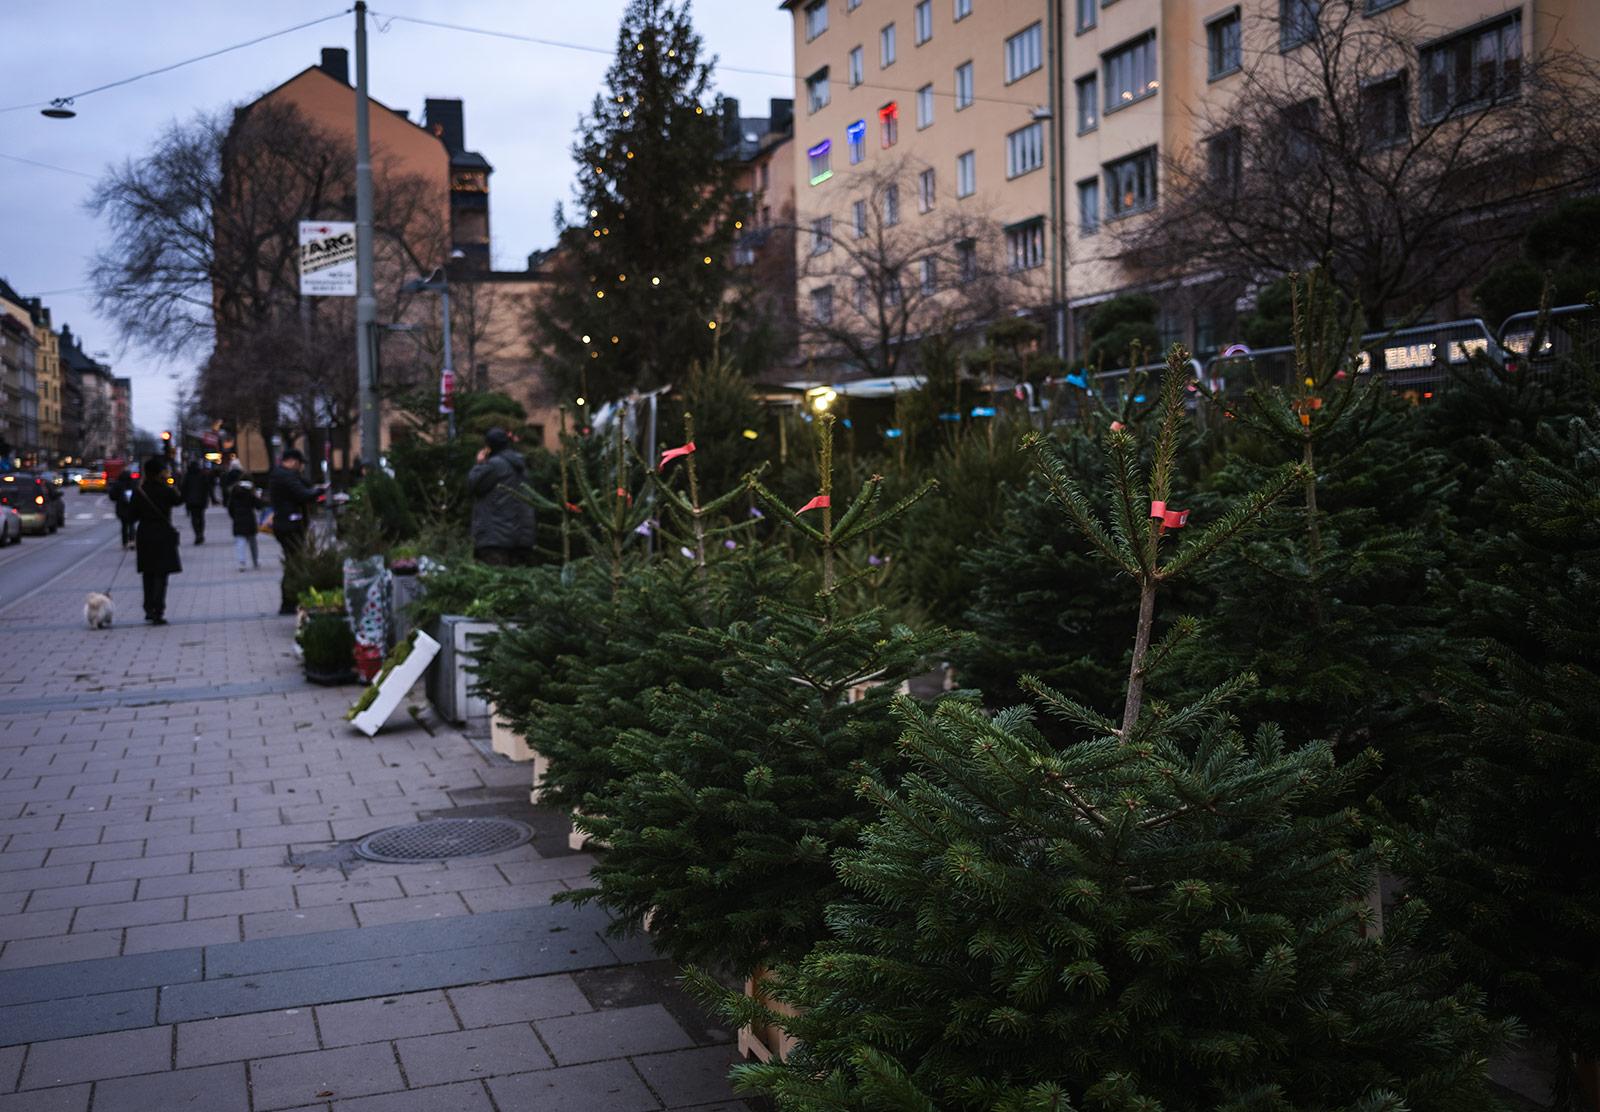 Line of Christmas trees on street